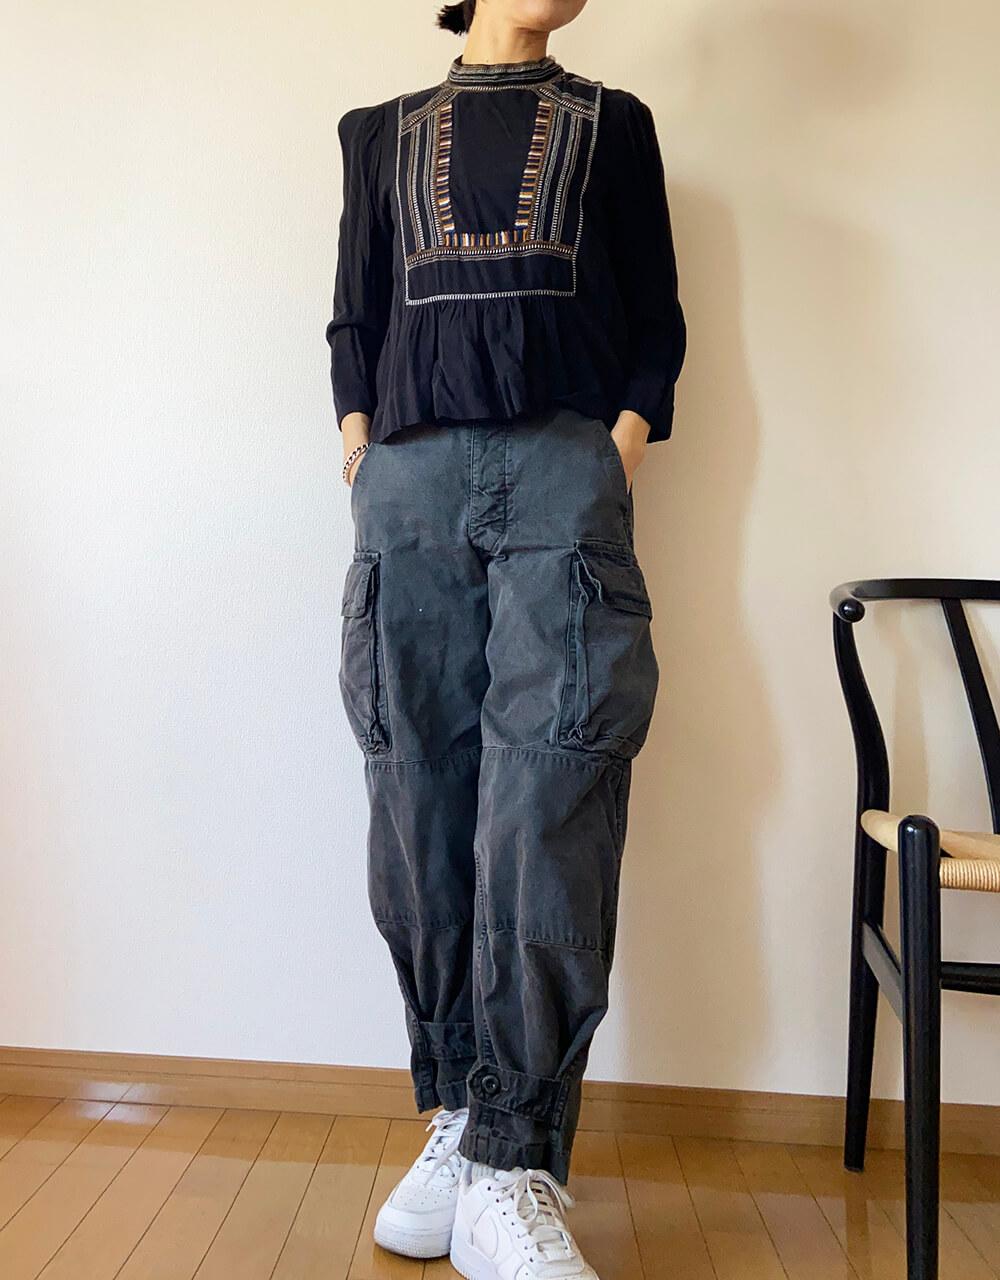 高木綾子/エアフォース1 シャツ/イザベルマラン(5年くらい前のものです) パンツ/ウティ